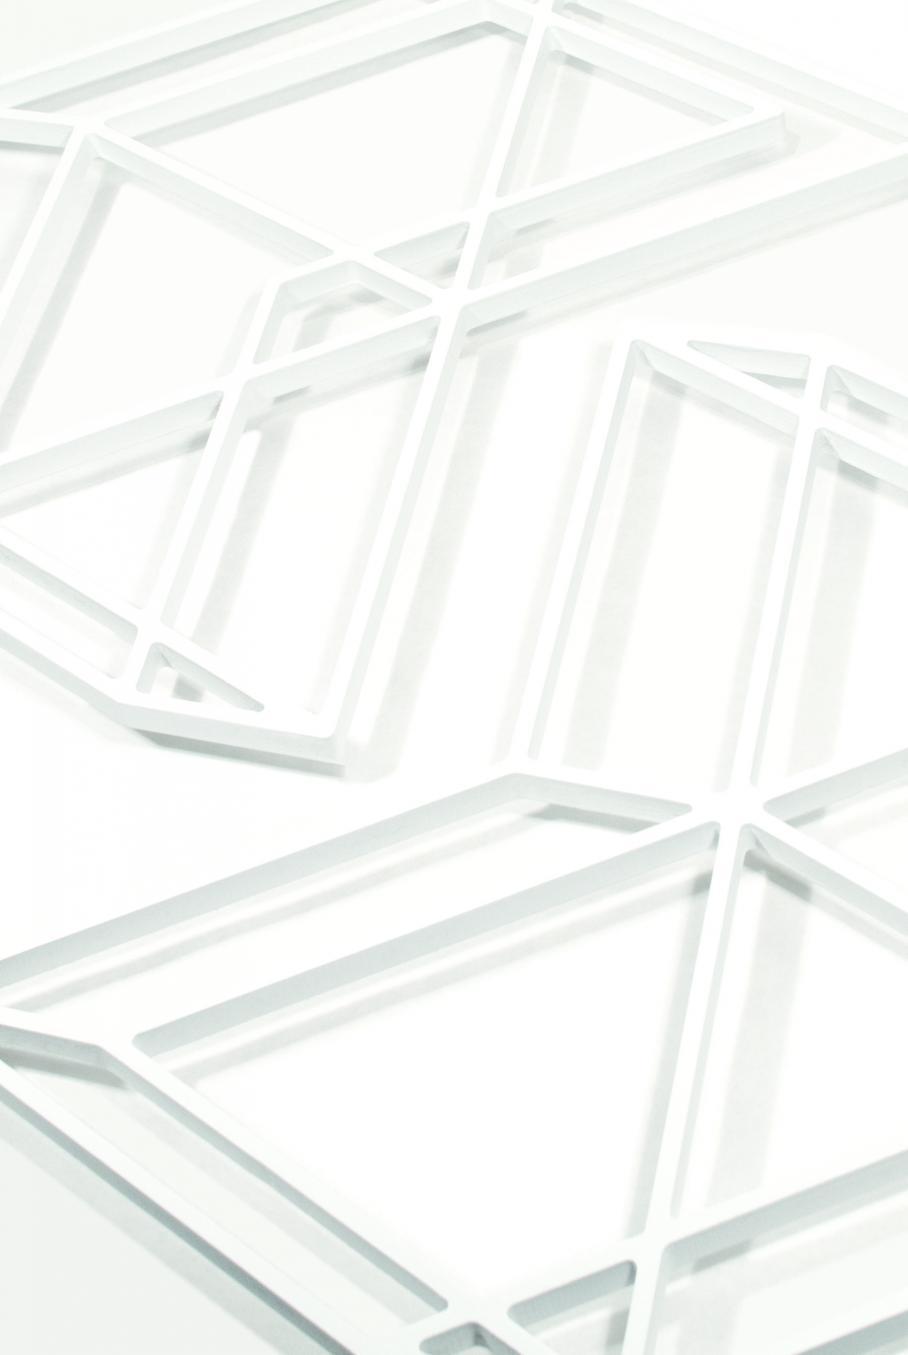 graphic for Design BFA exhibition, Visual Arts Center, UT Austin